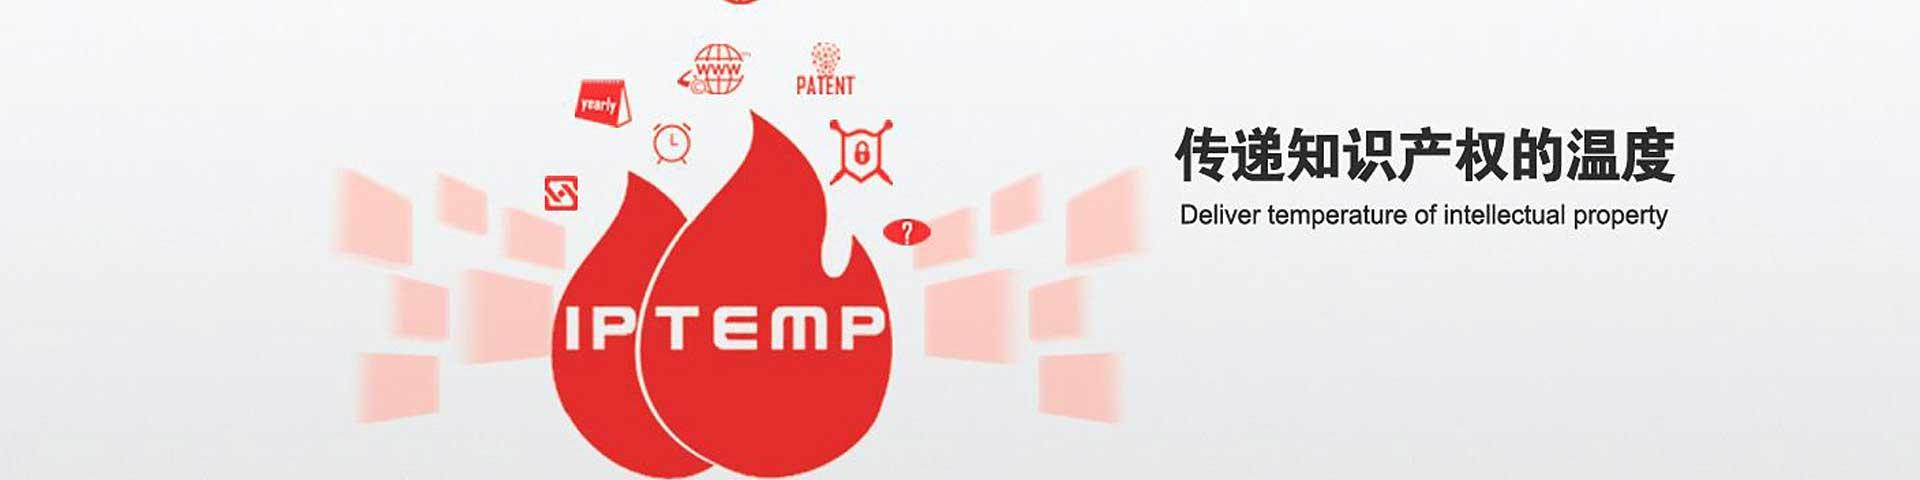 石家莊保潔服務公司在石家莊地區經營保潔服務多年,在業內有良好的口碑,保潔速度快,成交率高,專注承接開荒保